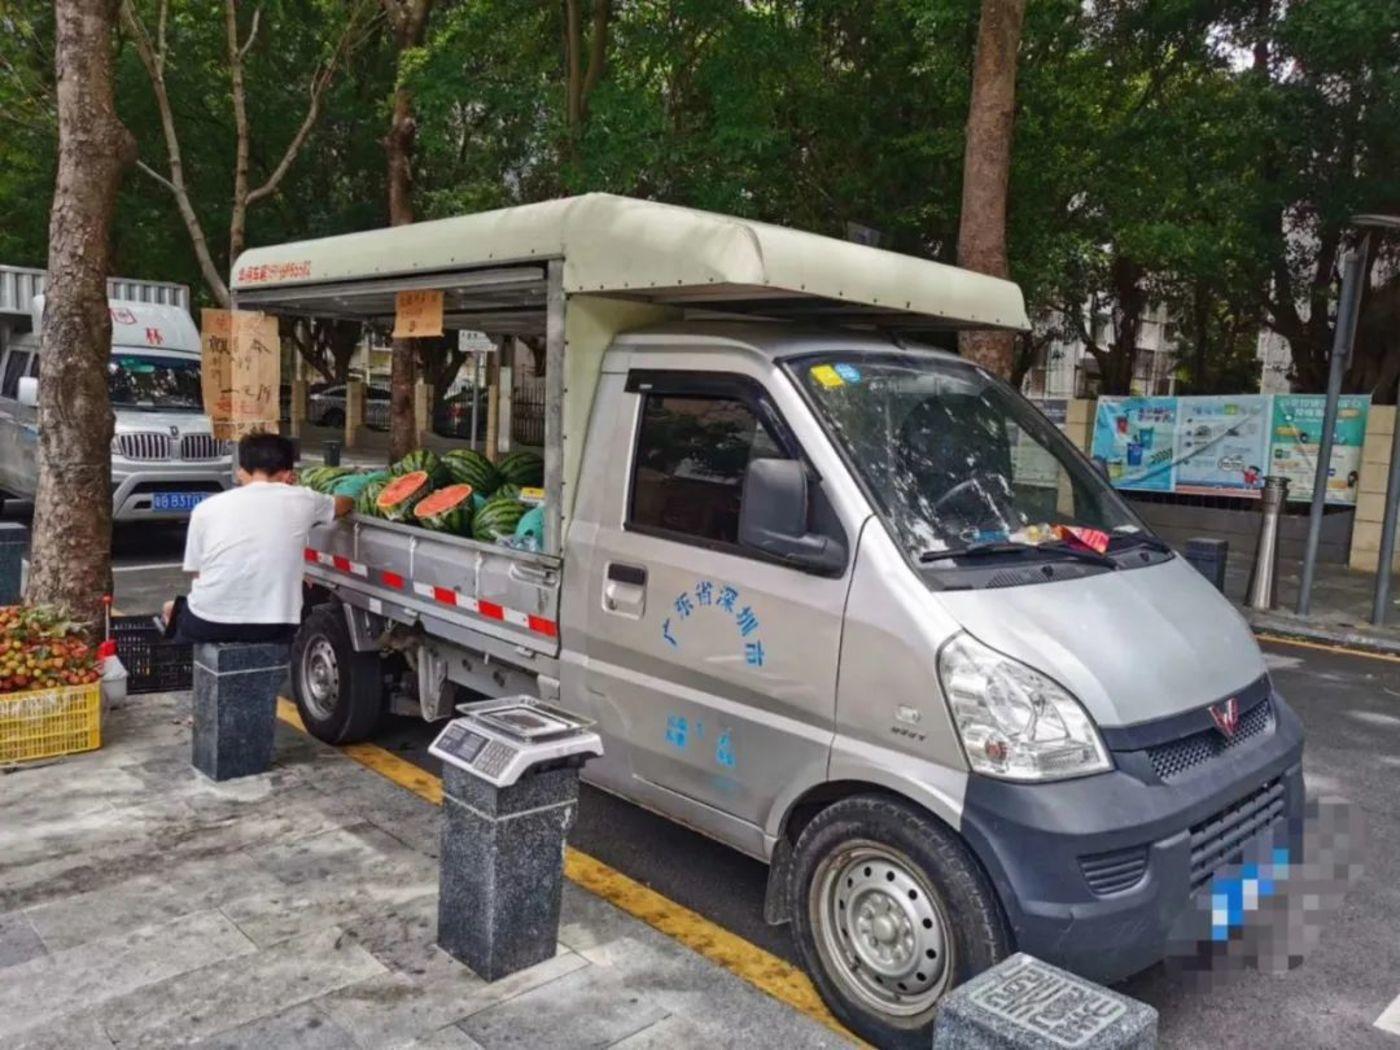 摄于深圳街头,一位用五菱货车摆摊的小贩